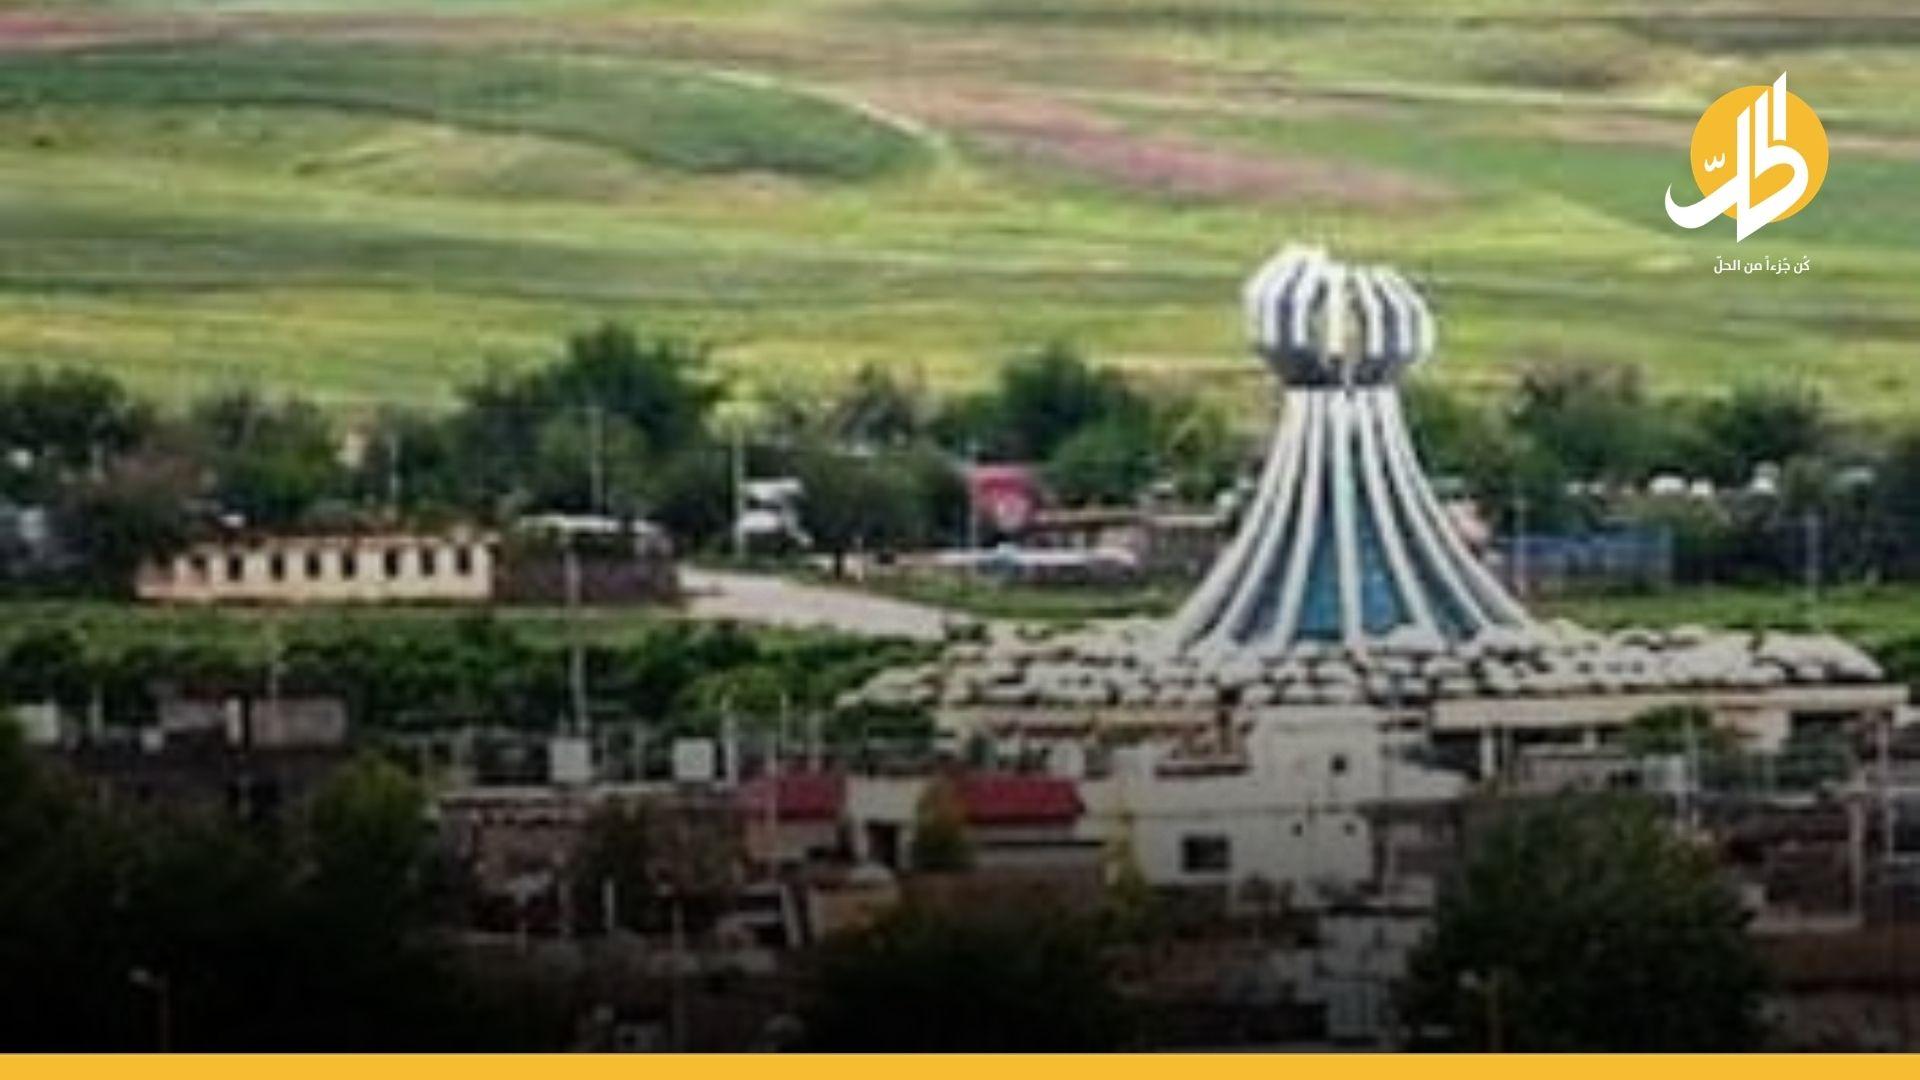 """البرلمان العراقي يُلزم الحكومة بإعلان حلبچَة """"مُحافظة"""""""